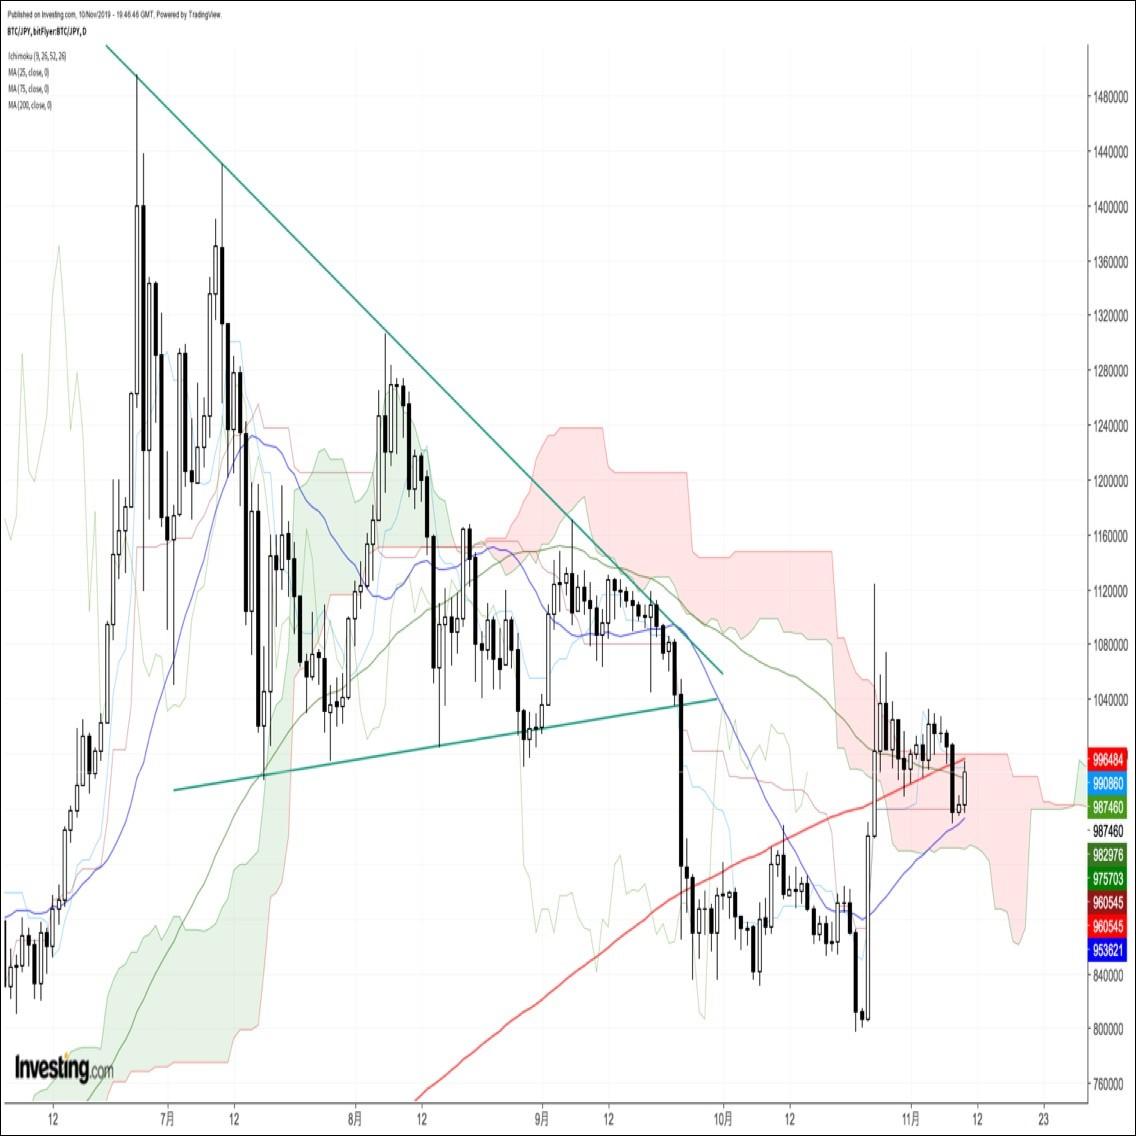 ビットコイン円、約2週間ぶり安値圏へ急落するも結局反発。方向感を見出し辛い展開(11/11朝)